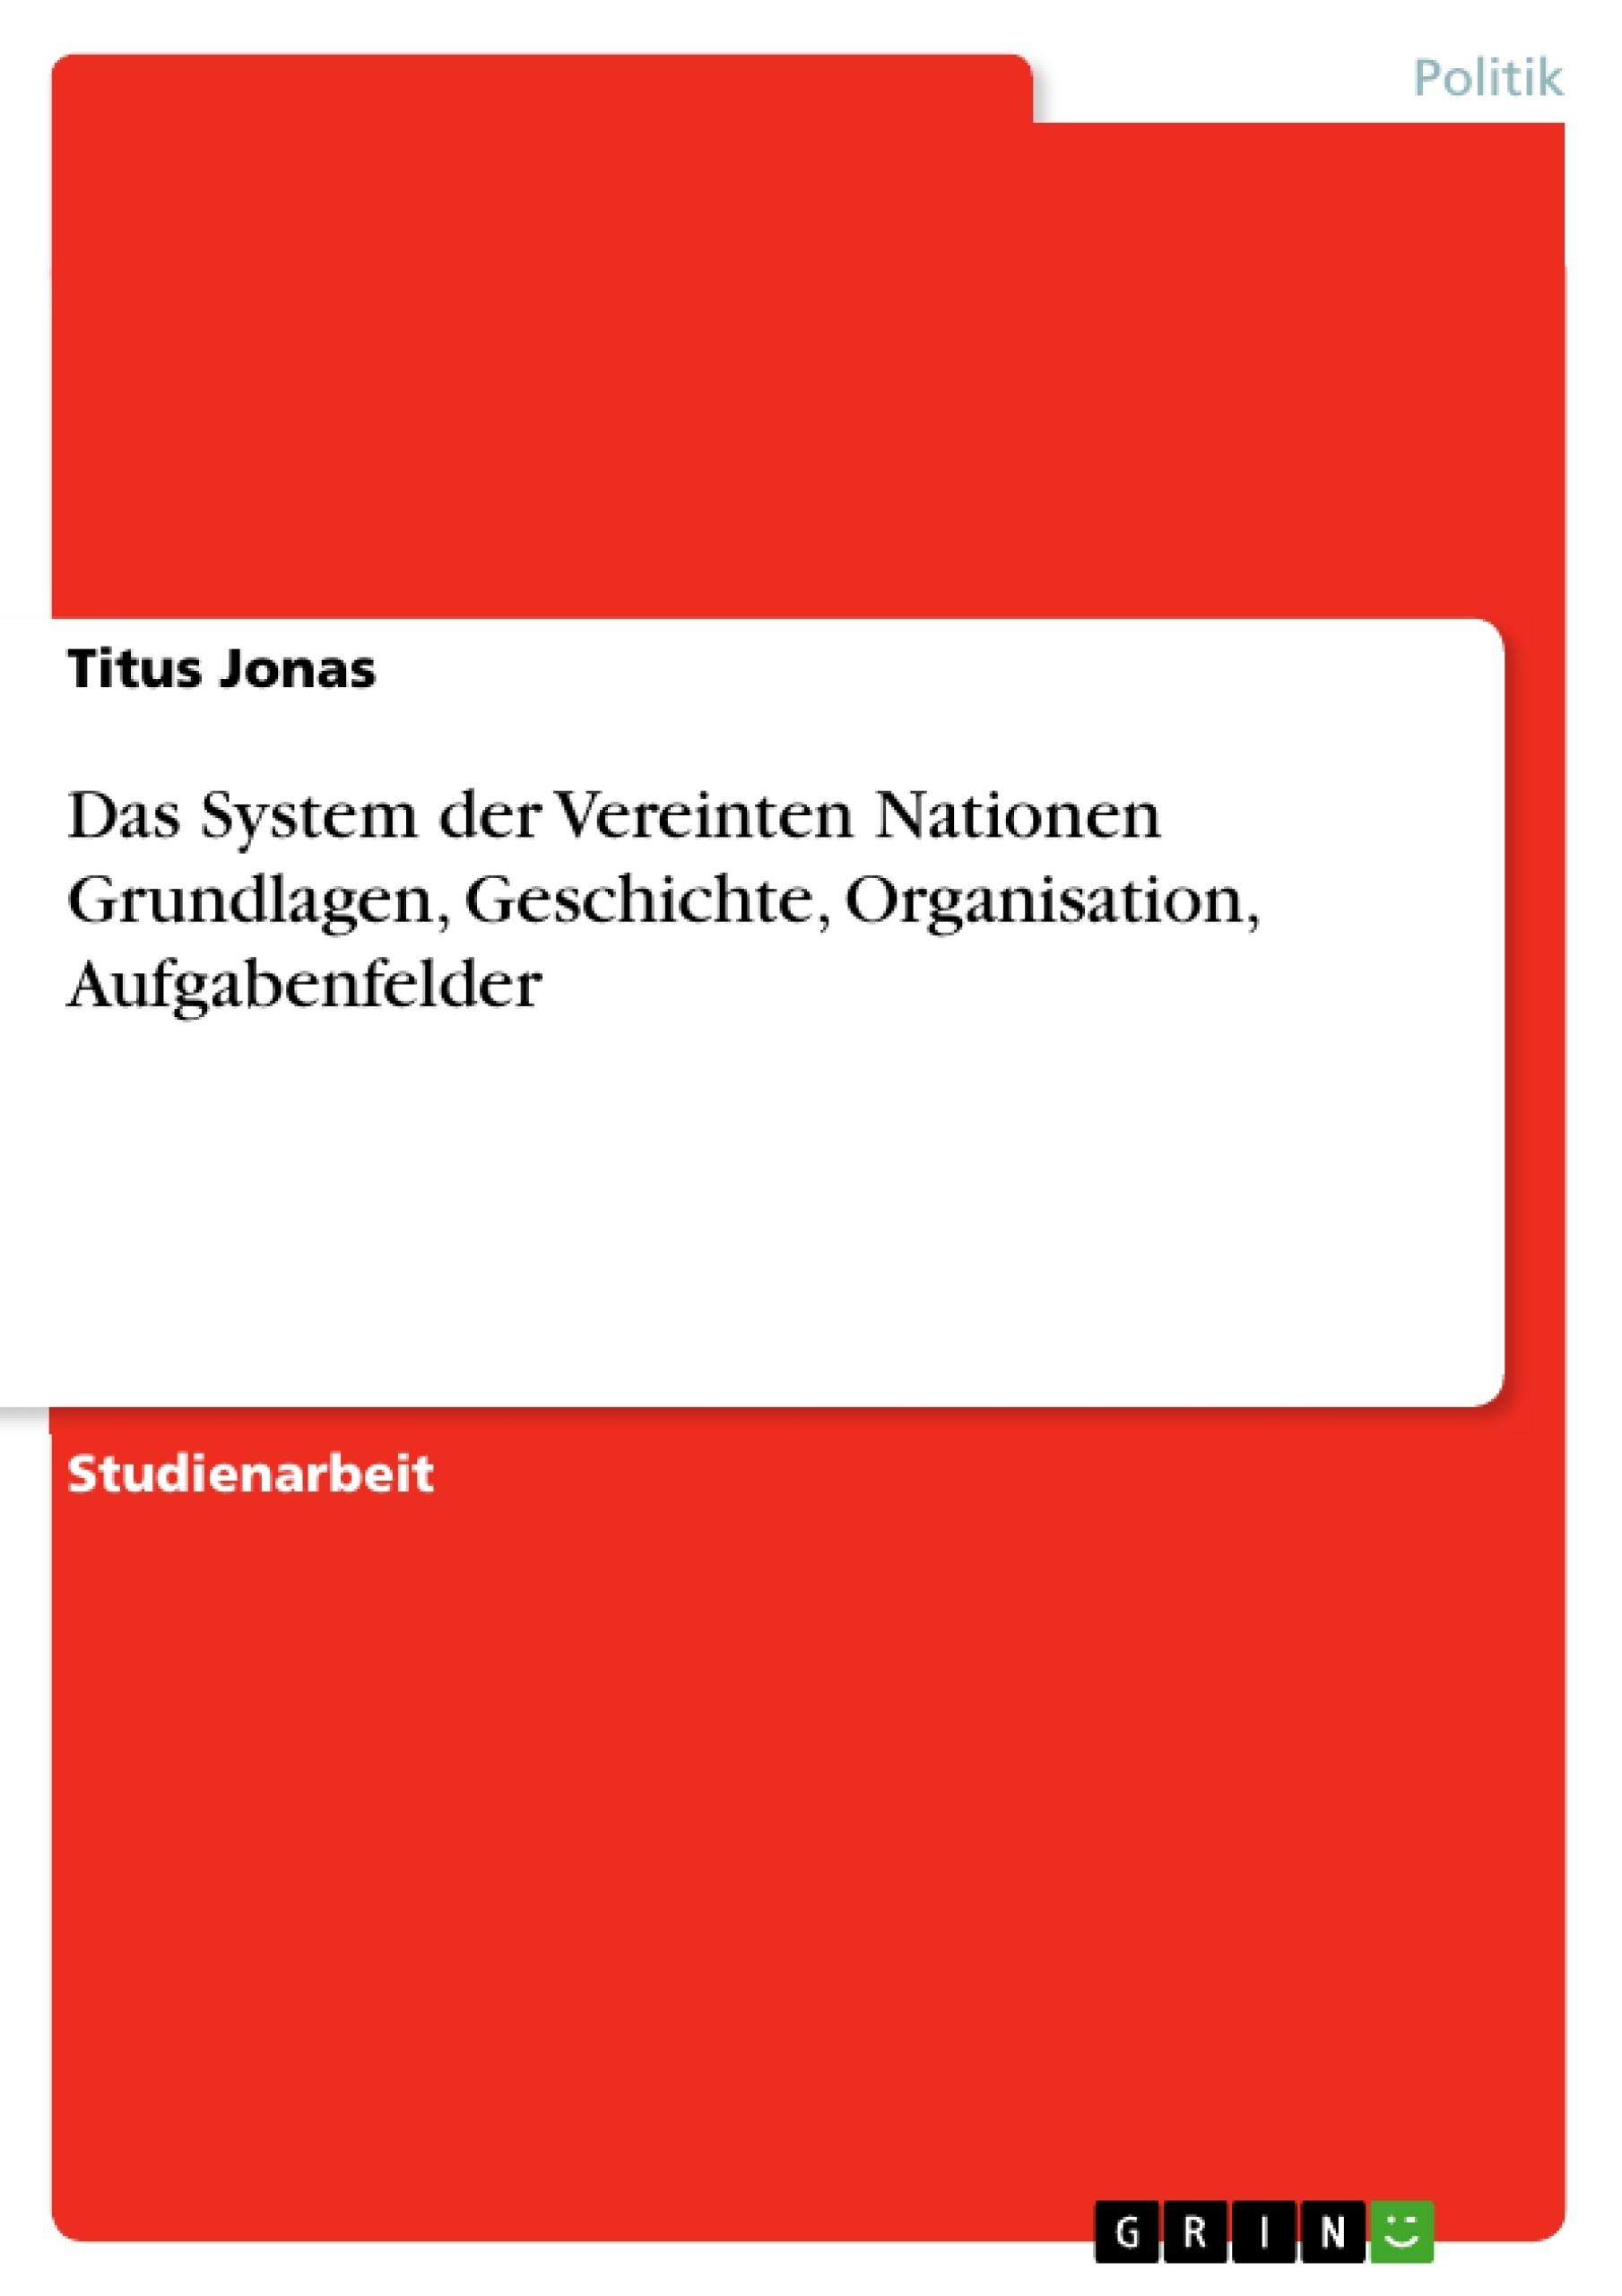 Titel: Das System der Vereinten Nationen Grundlagen, Geschichte, Organisation, Aufgabenfelder